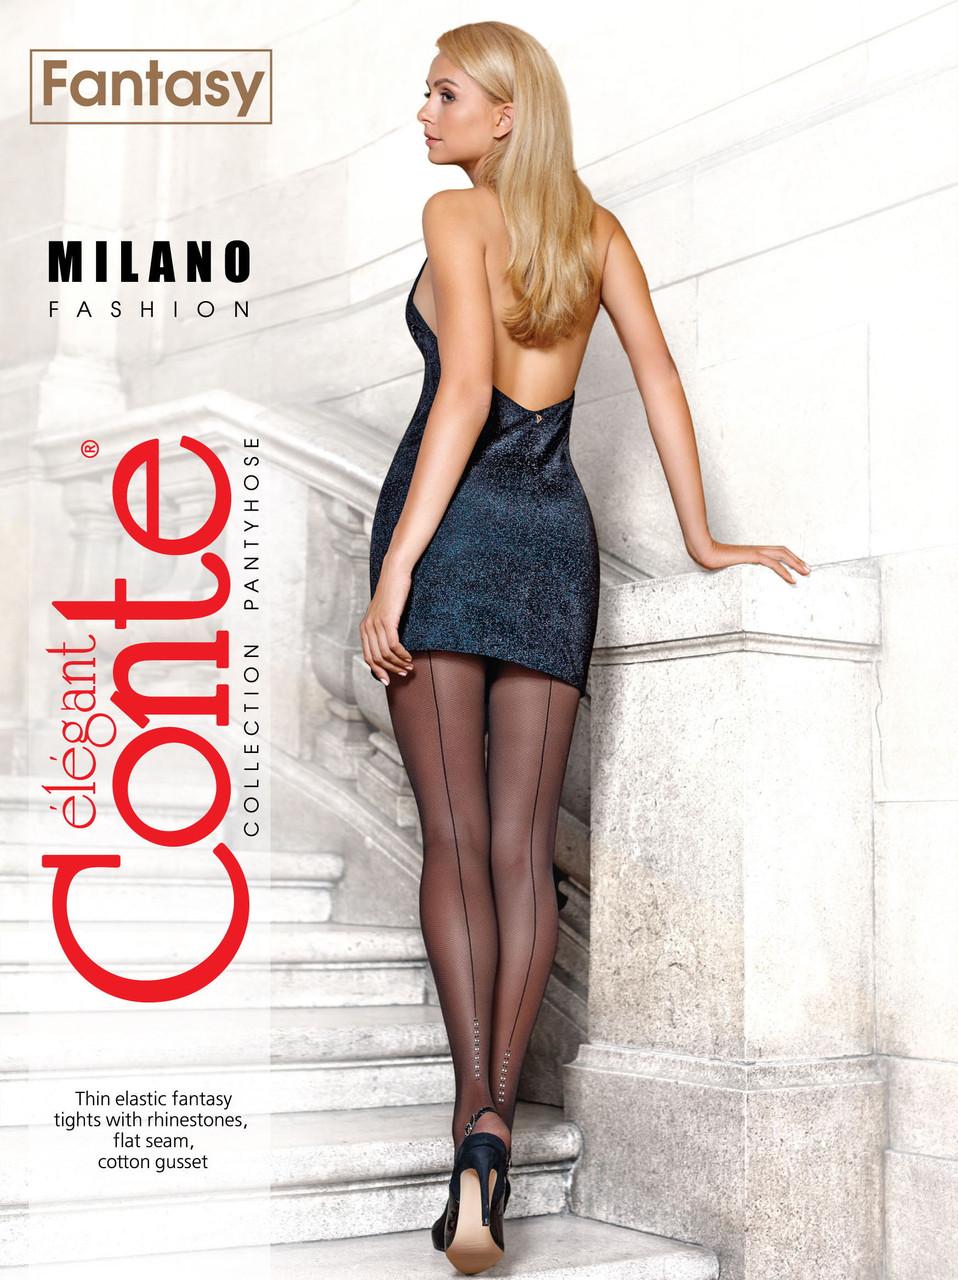 Колготки з імітацією дрібної сітки Conte fantasy milano з швом ззаду зі стразами 30 den